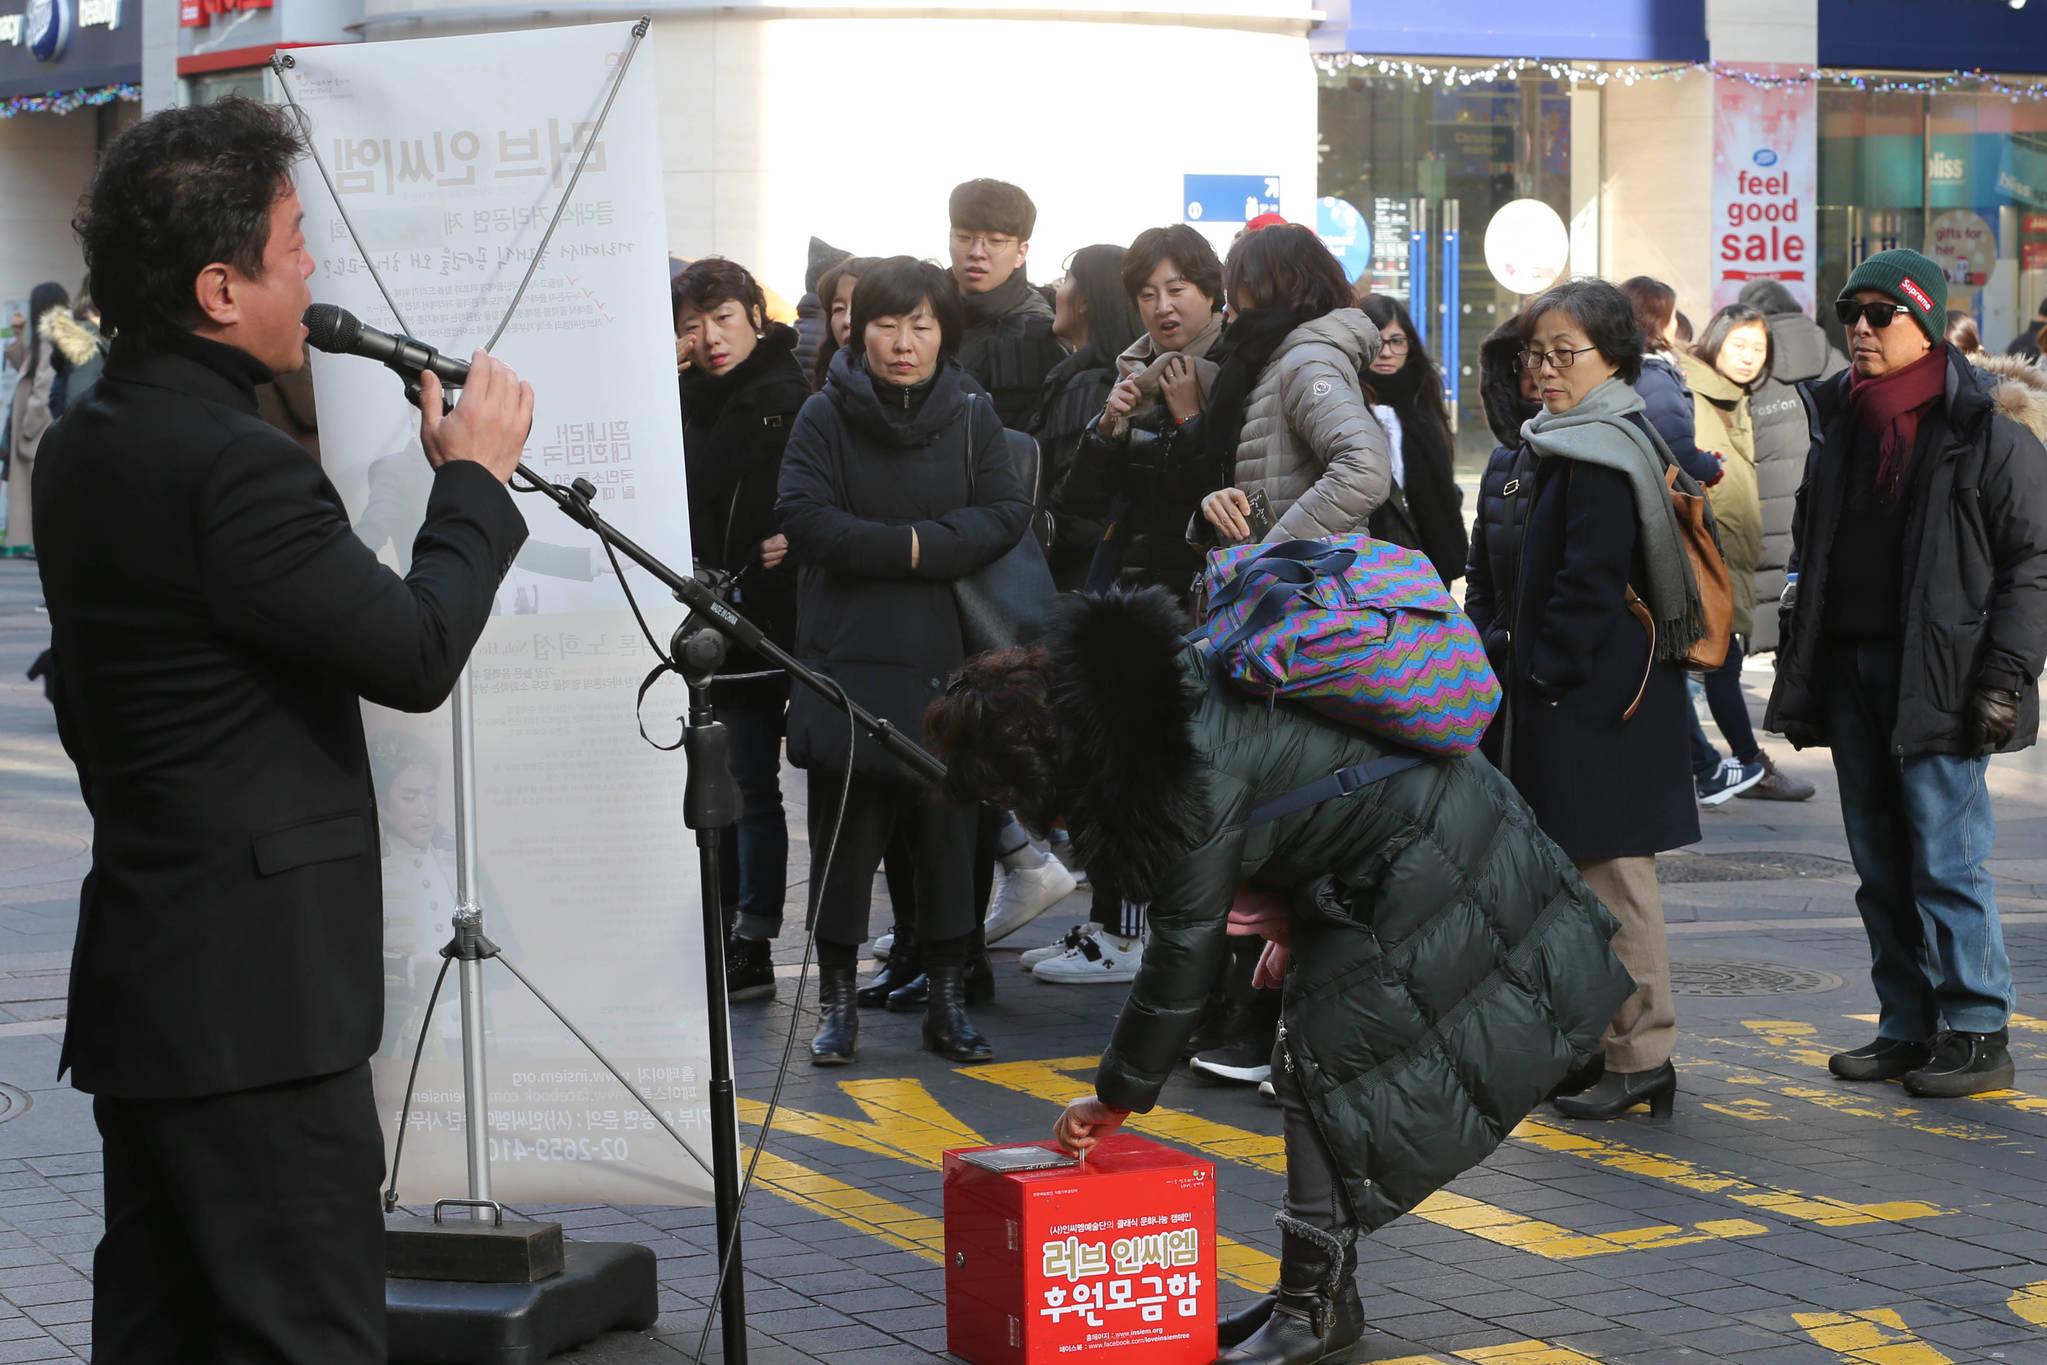 노래를 듣던 한 시민이 모금함에 돈을 넣고 있다. 신인섭 기자